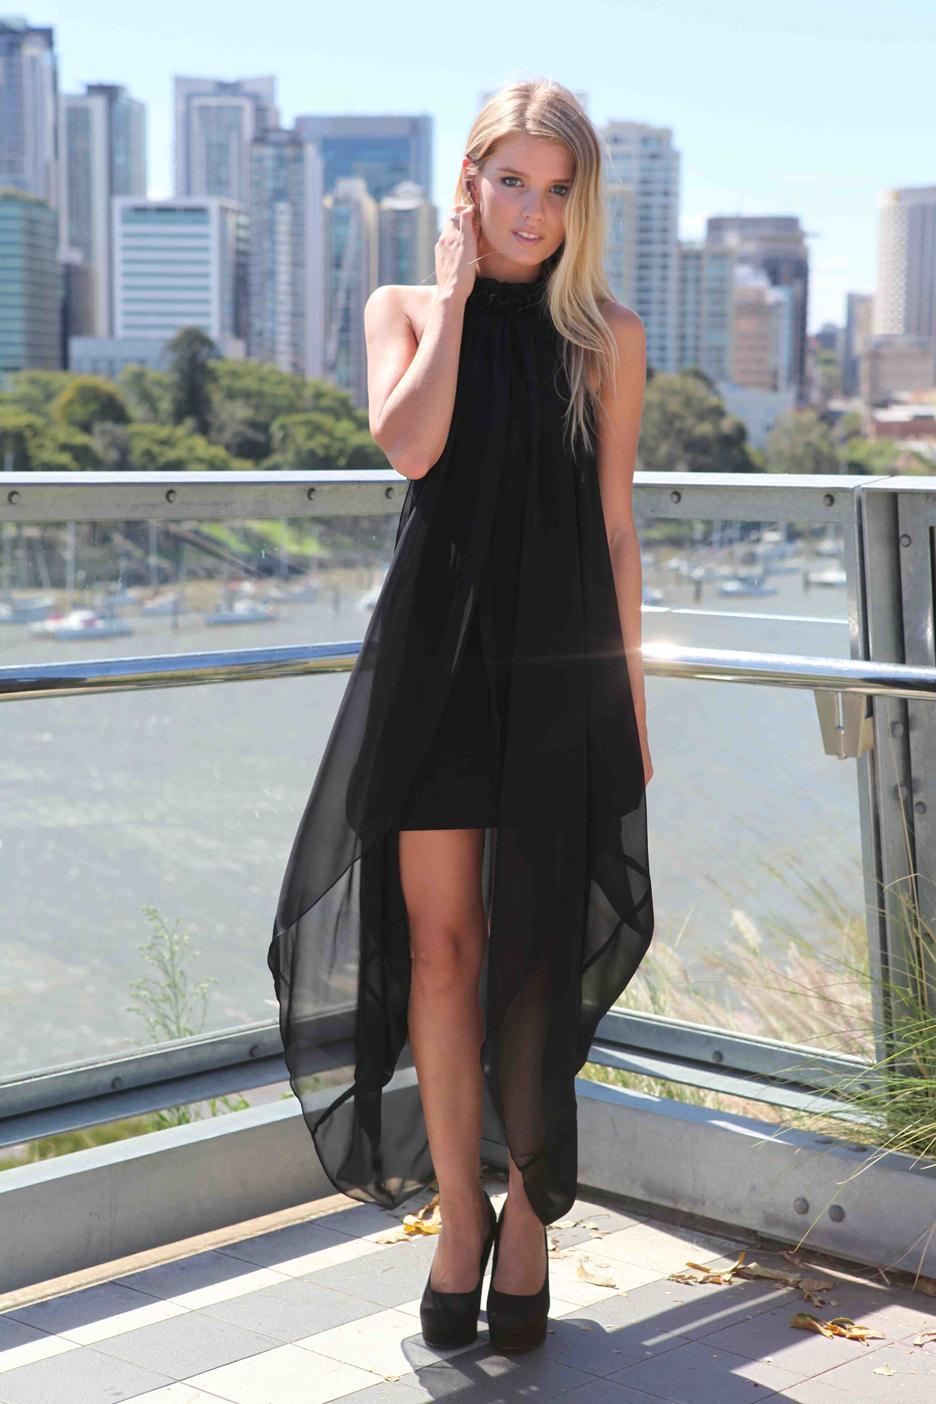 Black Longer Lengths Dress - Black High Neck Ruffle Sleeveless | UsTrendy